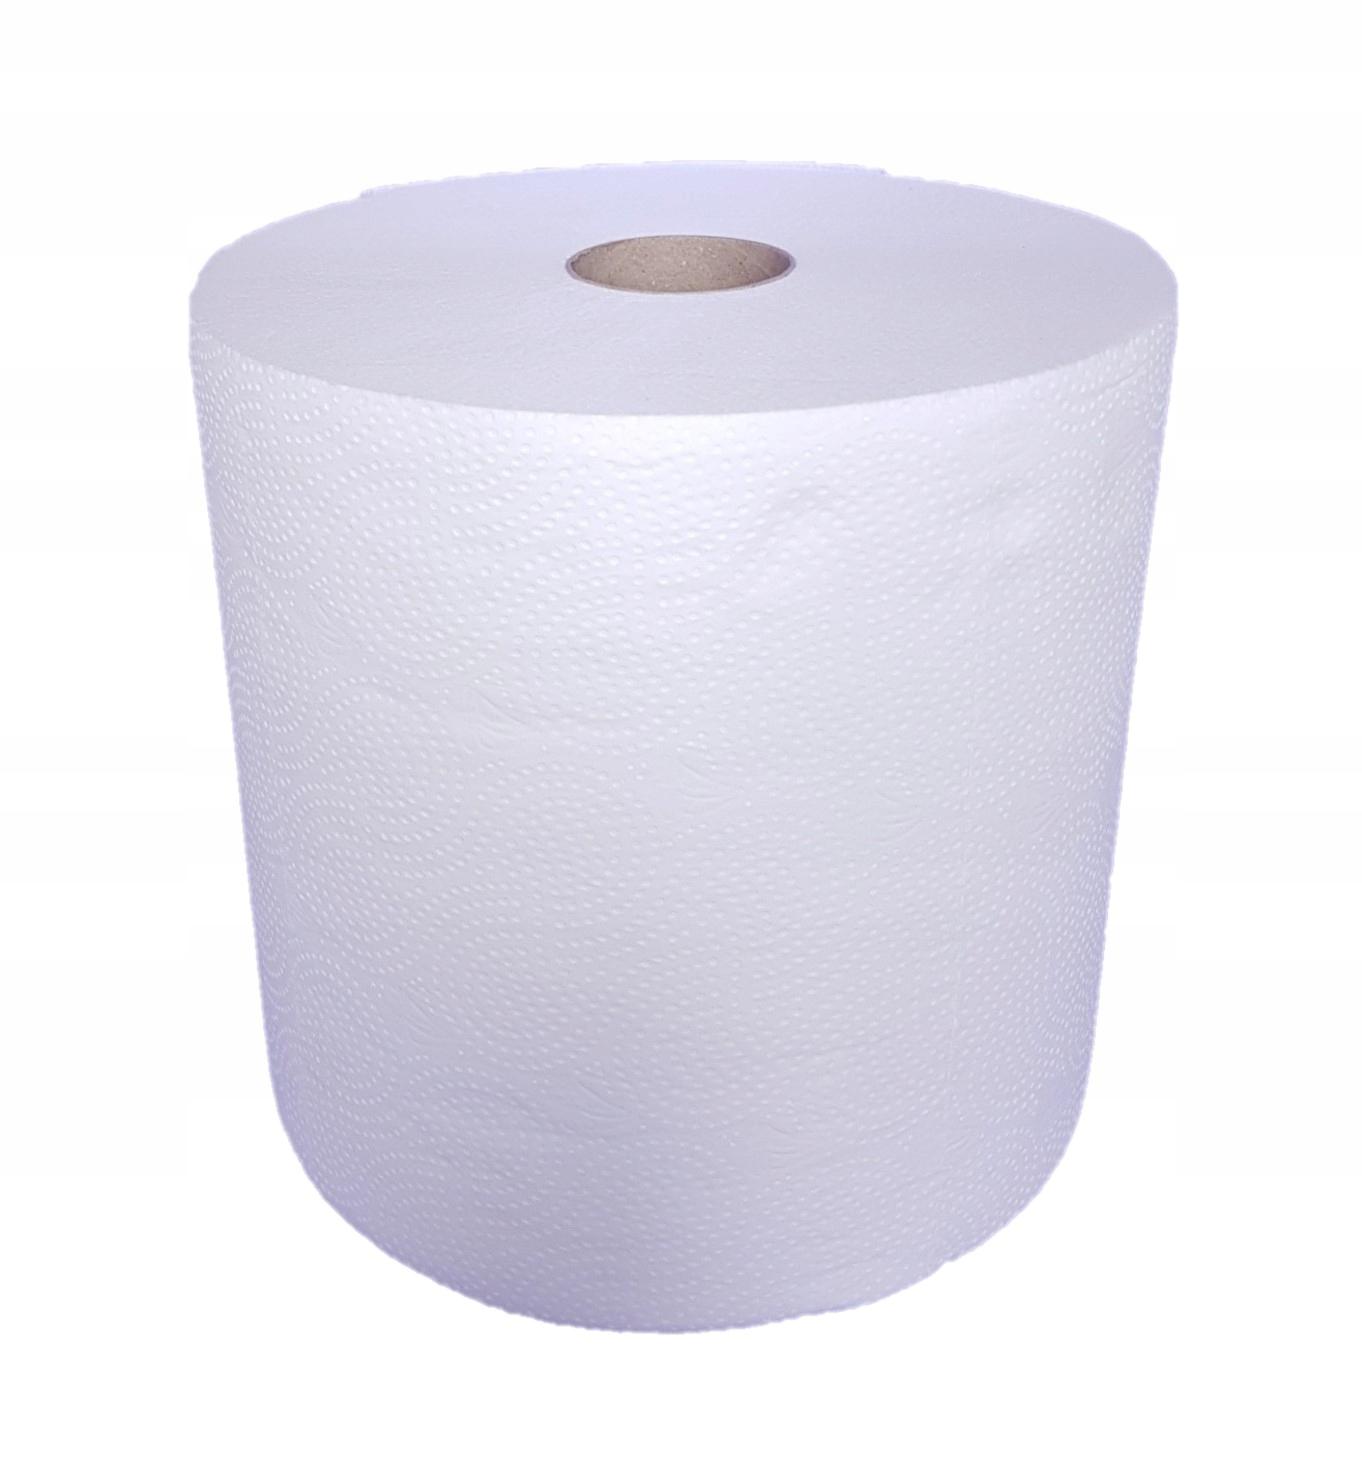 Наждачная бумага, полотенце бумажное 2 х 200м